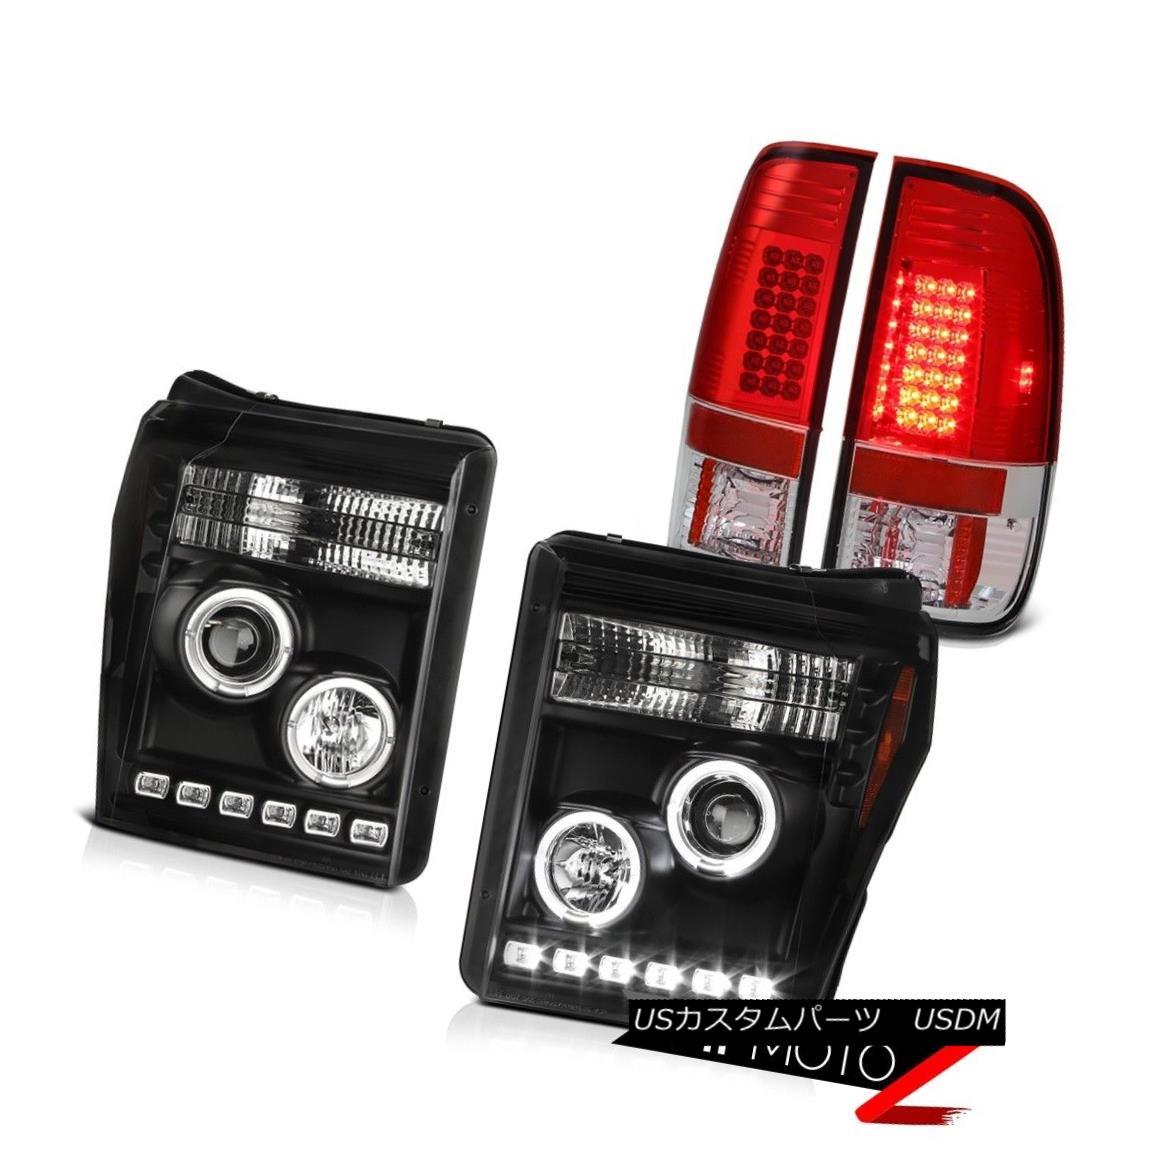 テールライト 11-16 F250 Turobdiesel Tail Brake Lamps Infinity Black Headlamps SMD Halo Rim 11-16 F250ターボディーゼルテールブレーキランプインフィニティブラックヘッドランプSMD Halo Rim